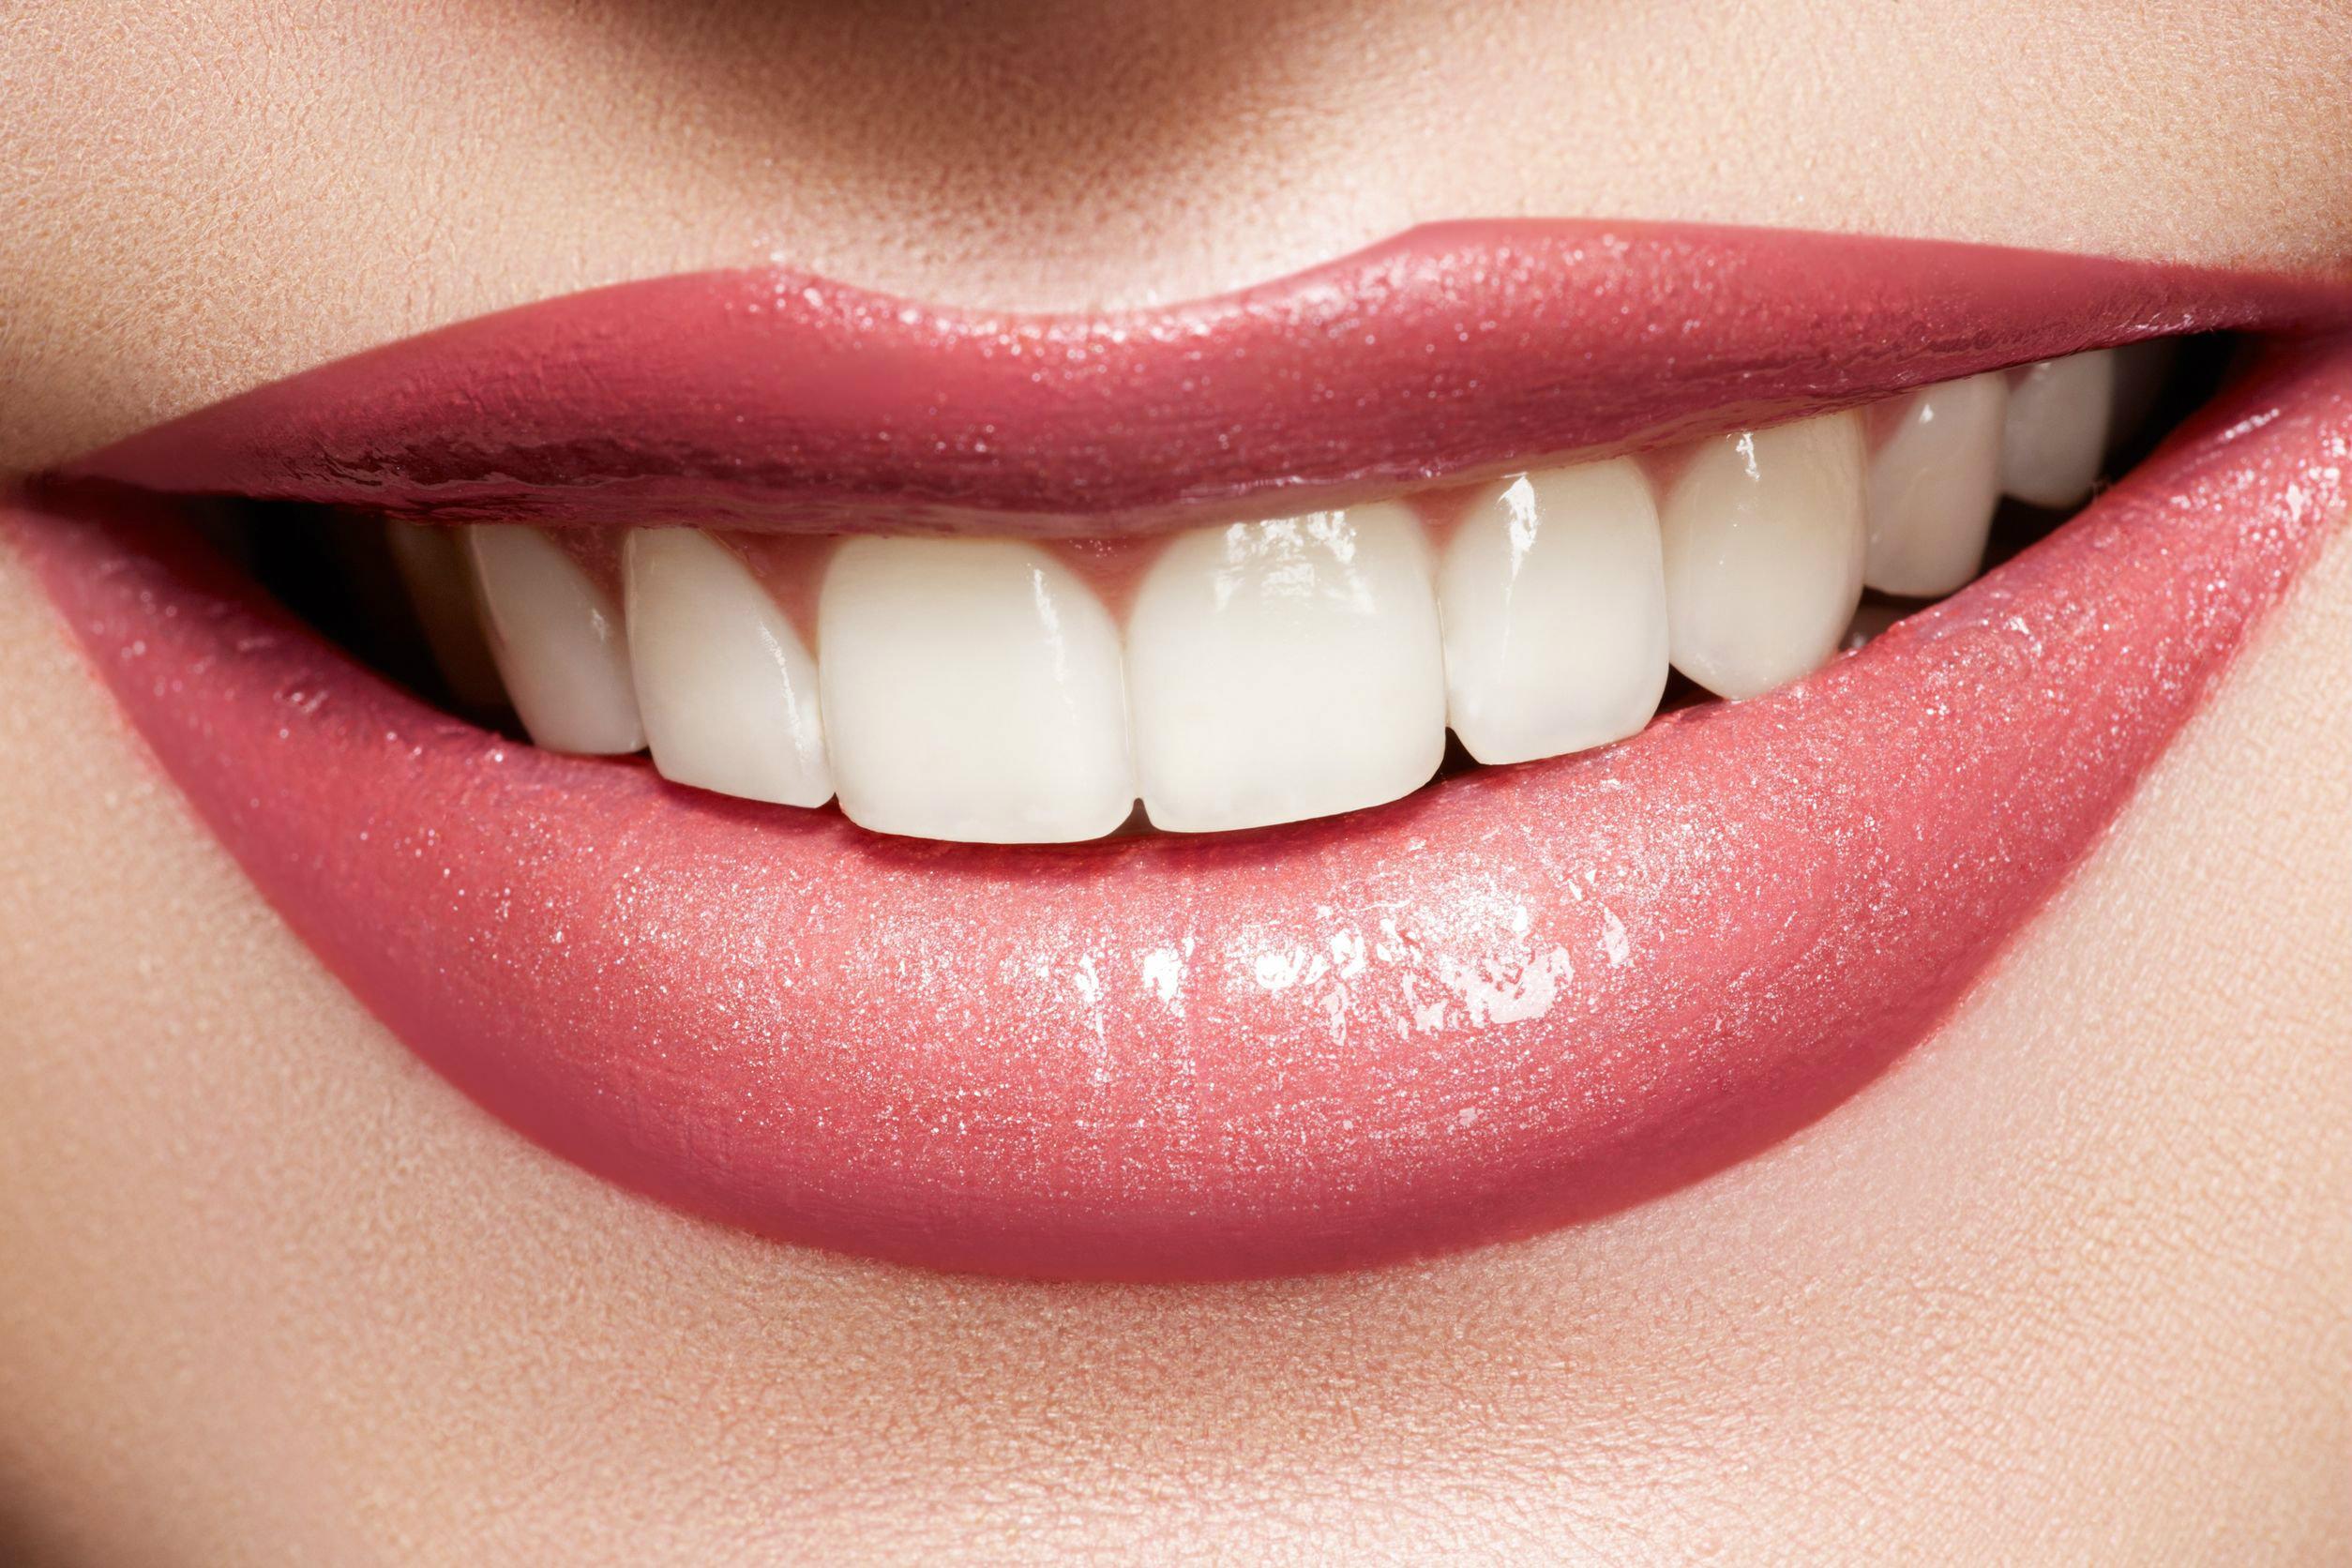 Dişlerin Zarar Görmesine Neler Sebep Olur?